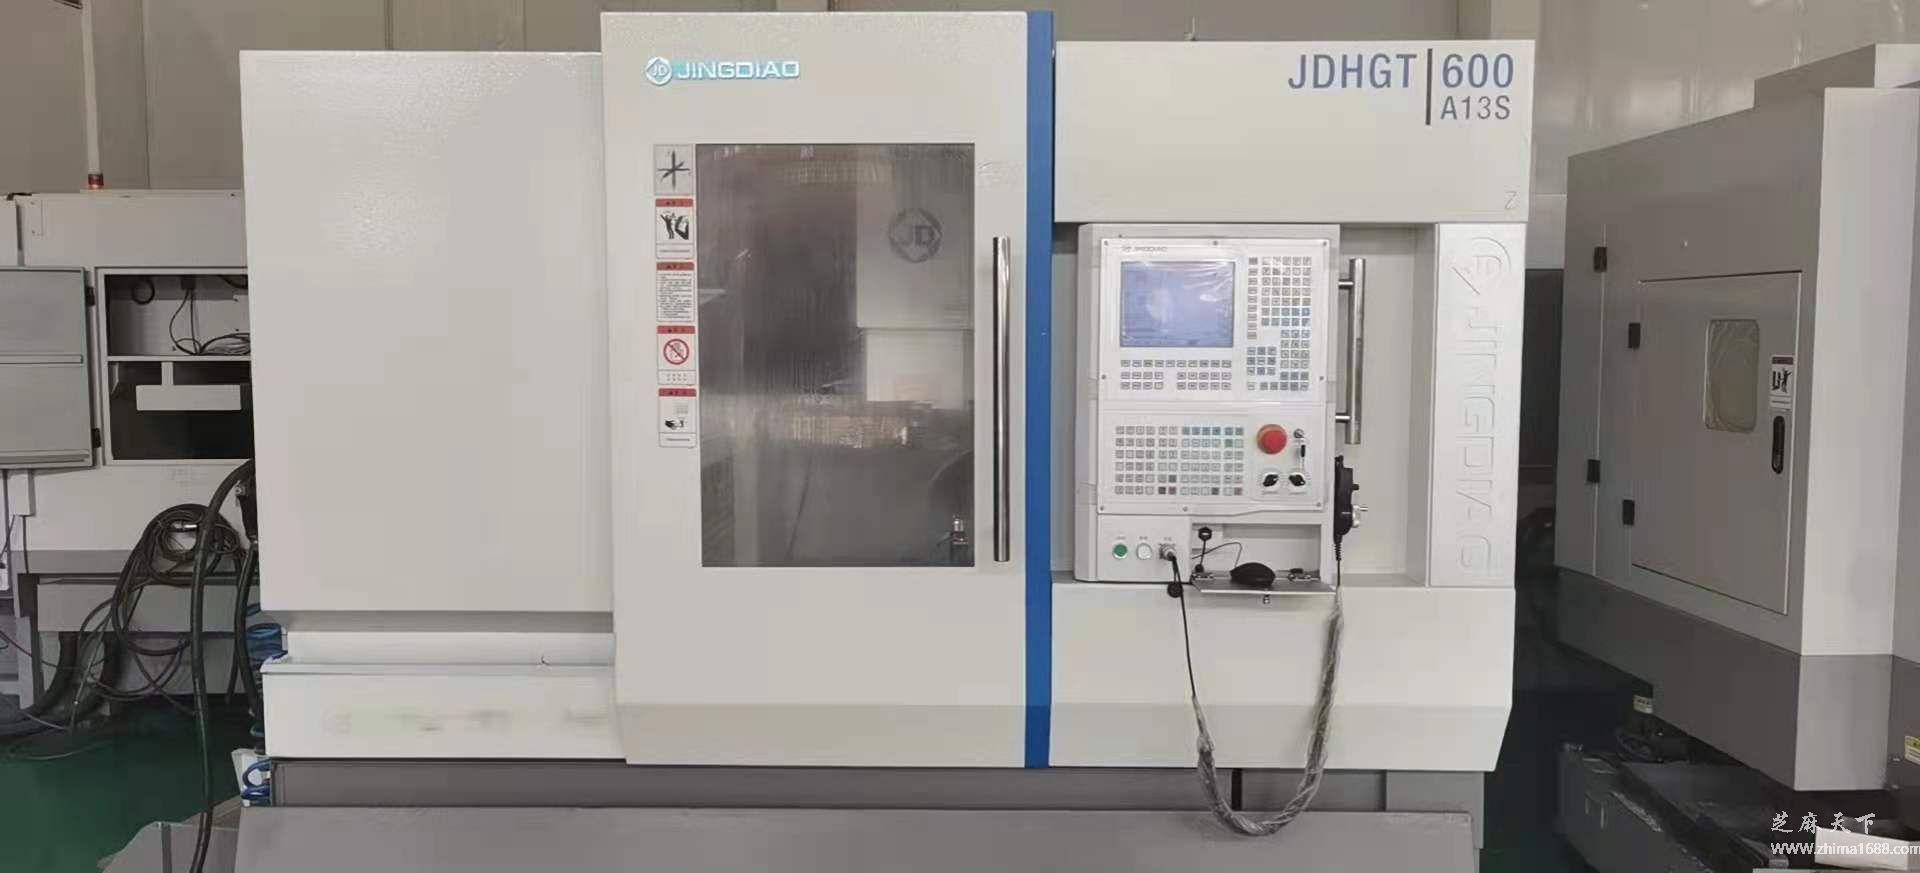 二手北京精雕JDHGT600A13S雕刻机